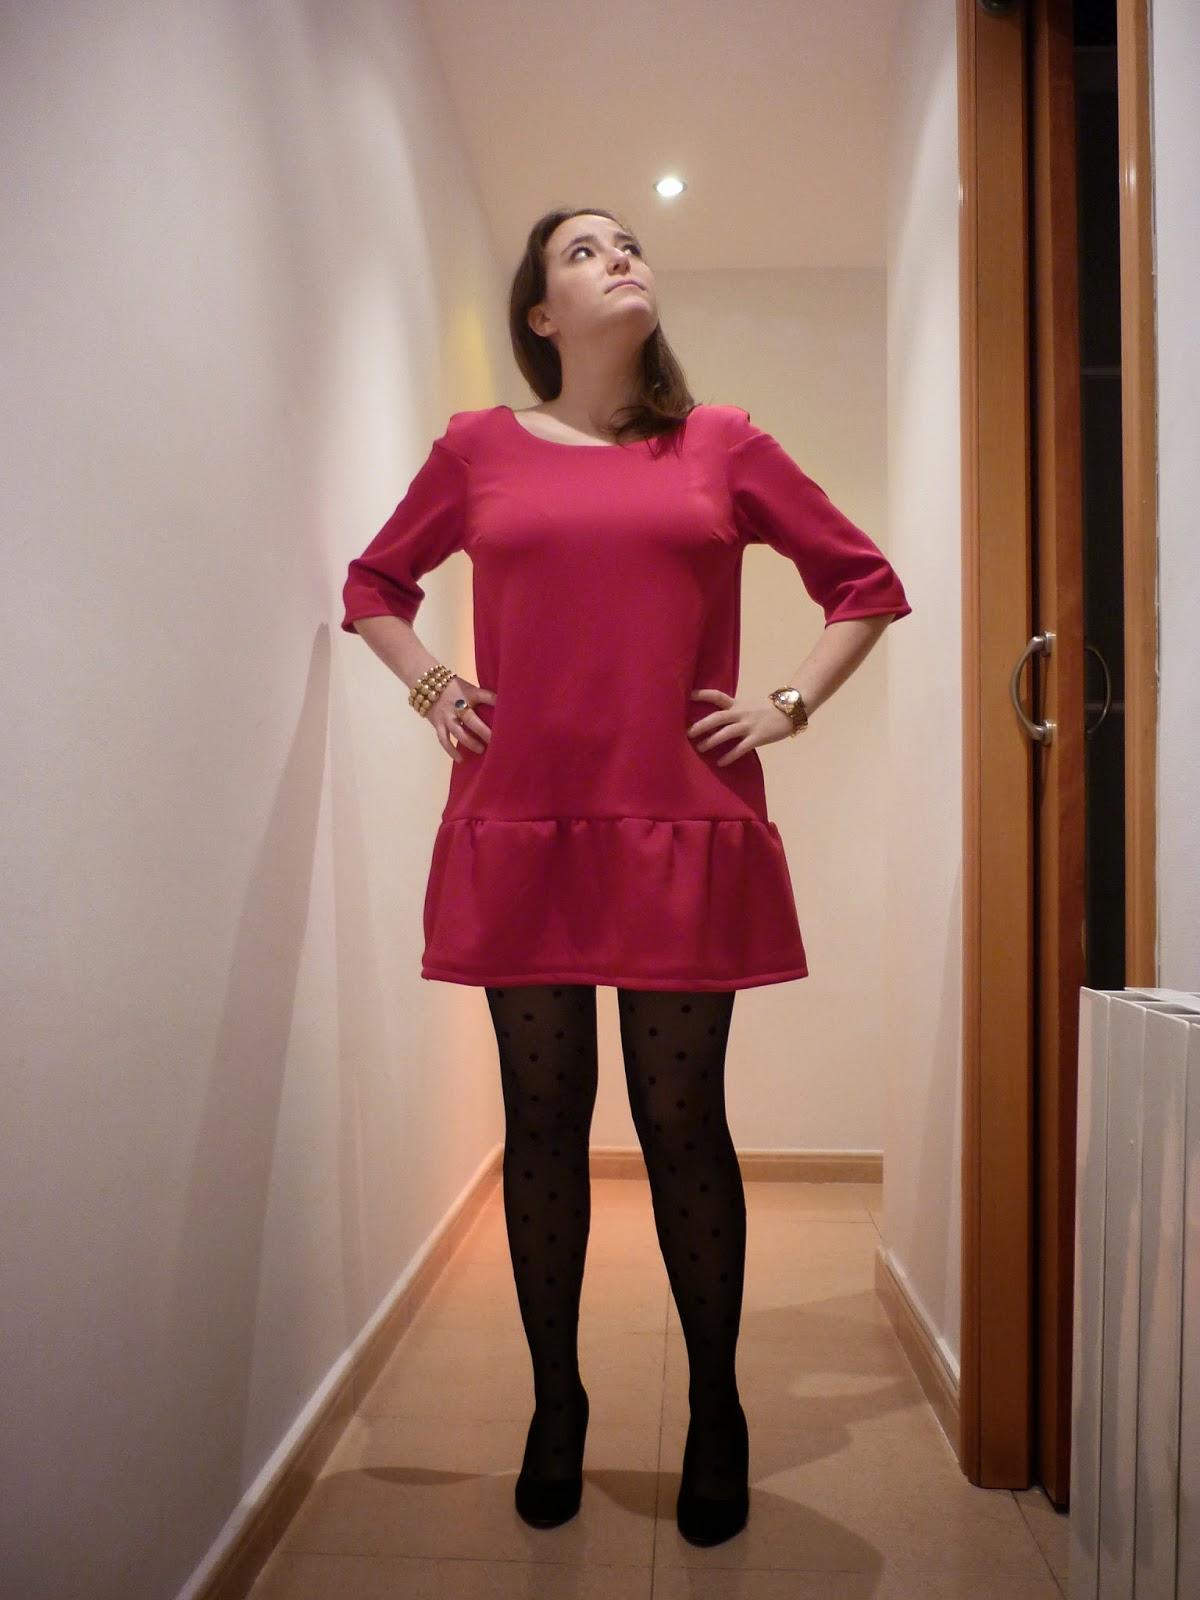 malvarosa dress pauline alice vestido rojo modistilla de pacotilla